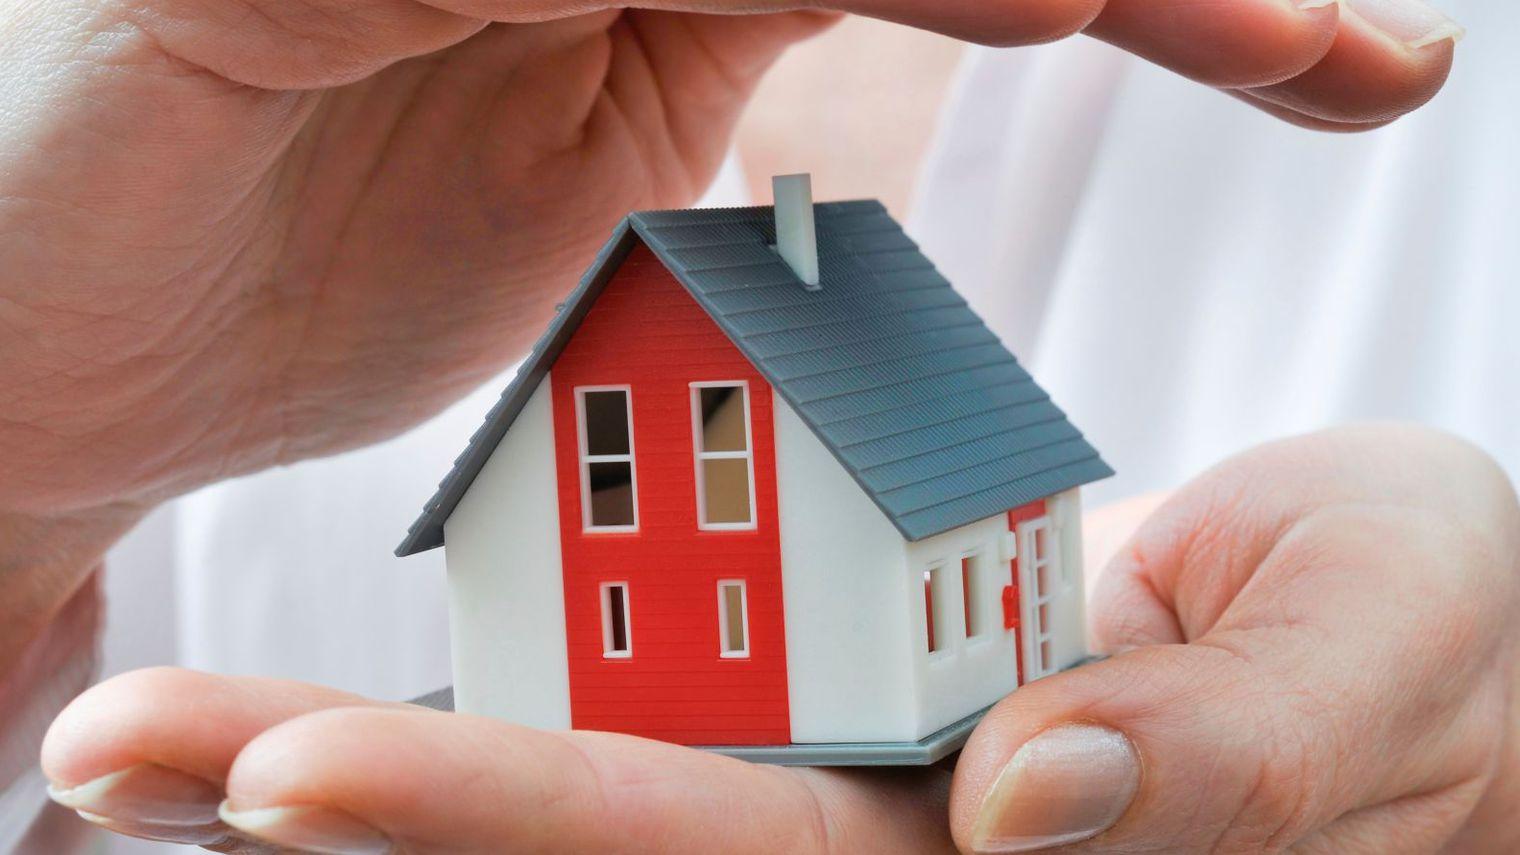 Assurance gratuite : quelles sont les différentes catégories d'assurances ?